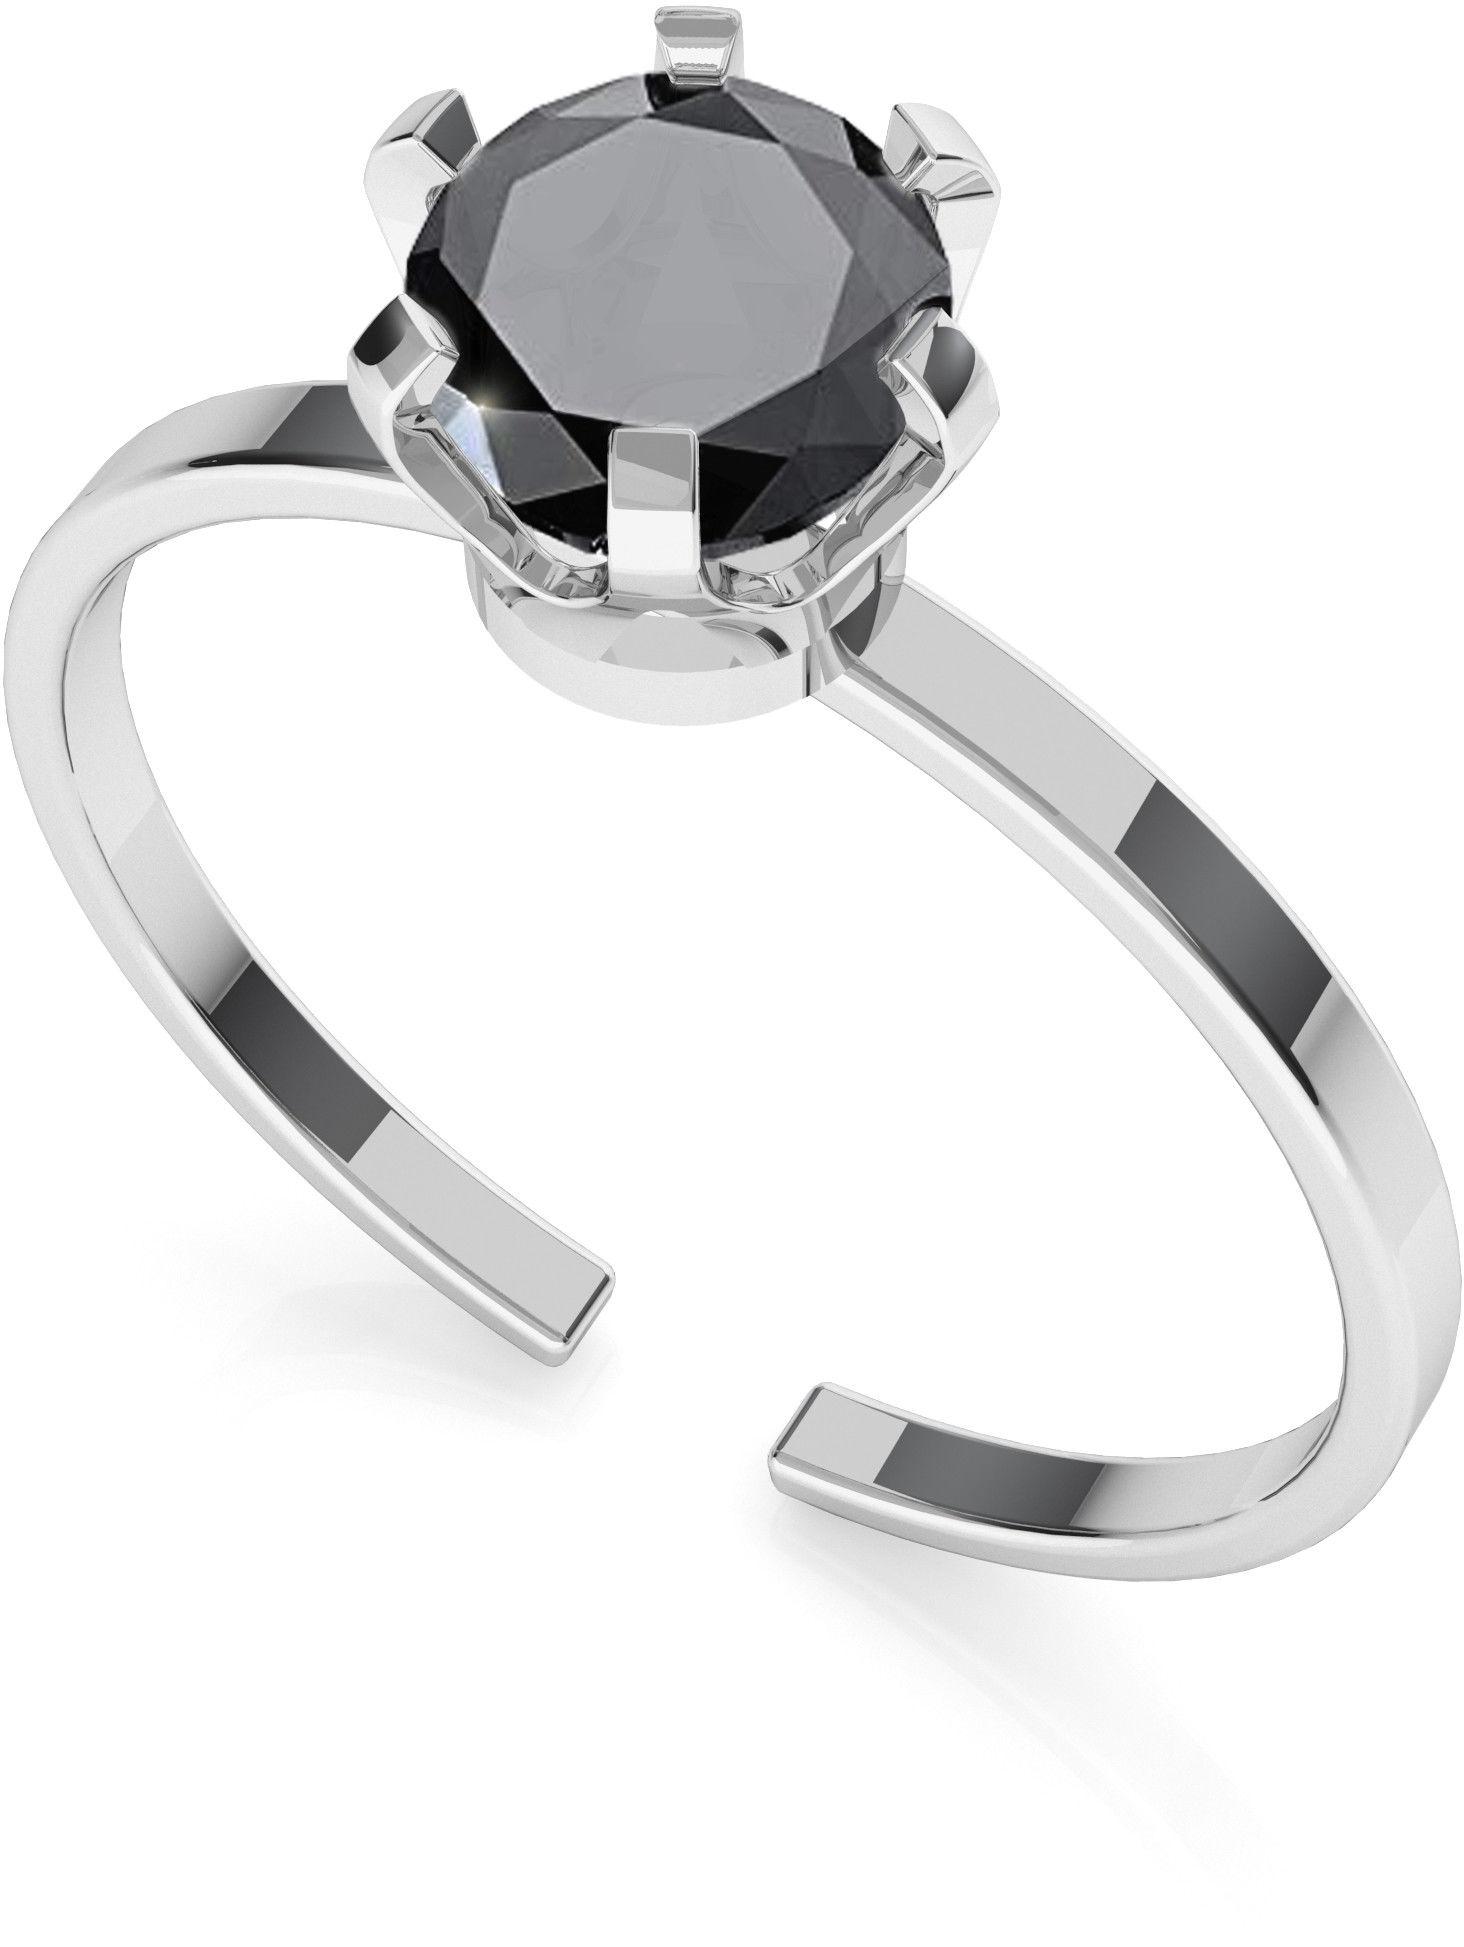 Srebrny pierścionek z diamentem 6mm My RING, srebro 925 : Srebro - kolor pokrycia - Pokrycie platyną